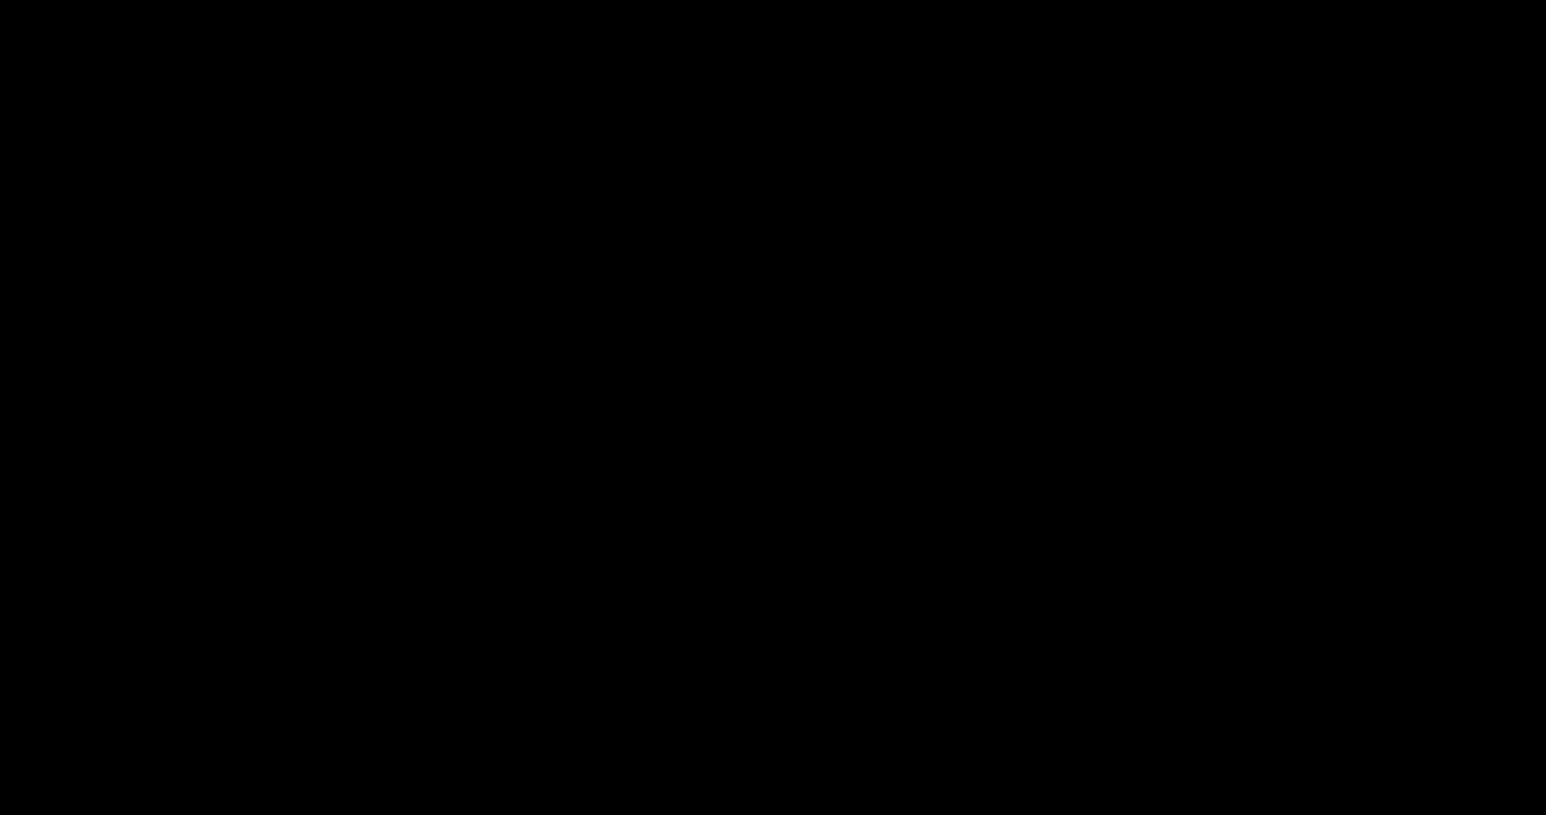 A-887826-d<sub>8</sub>